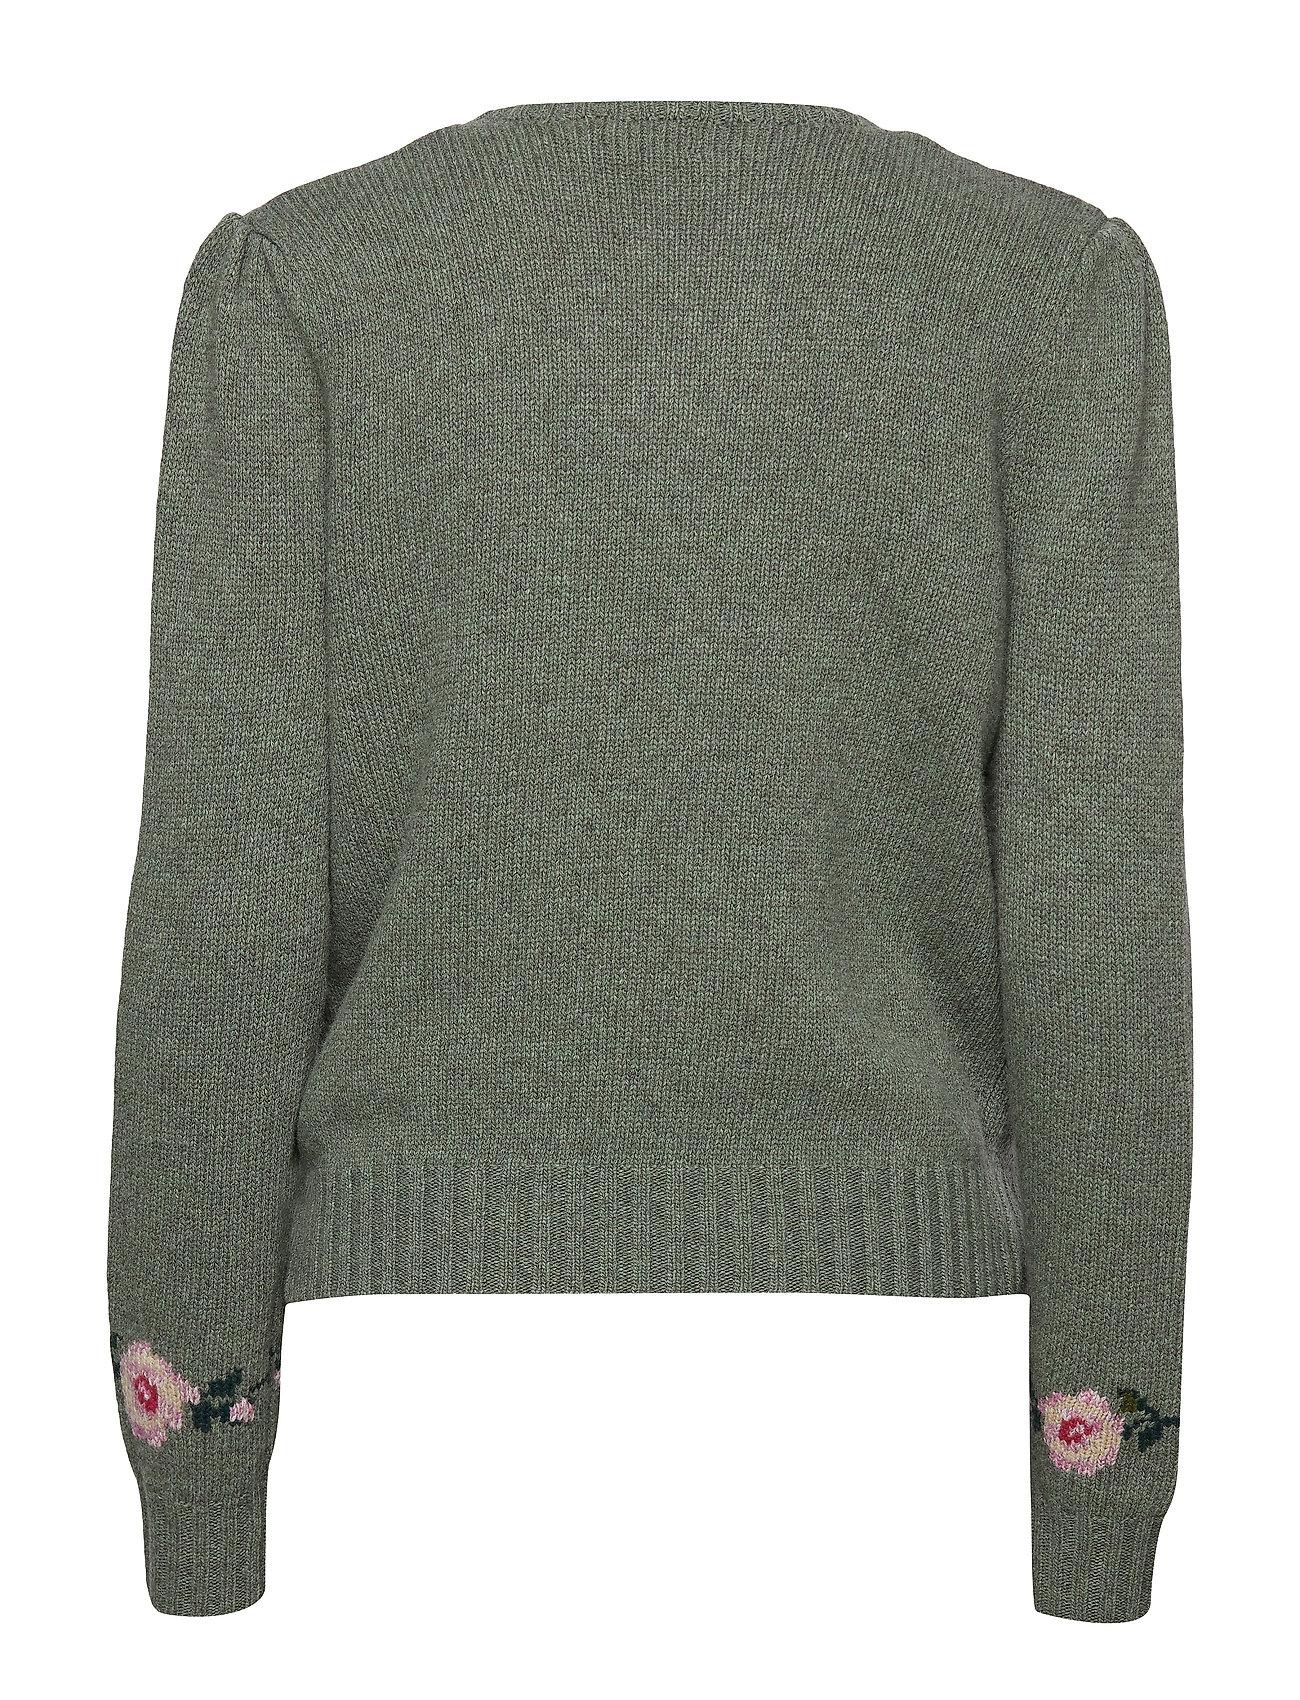 Puff sleeve MultiPolo Wool Sweaterloden Lauren Ralph blend xtsChrdQ